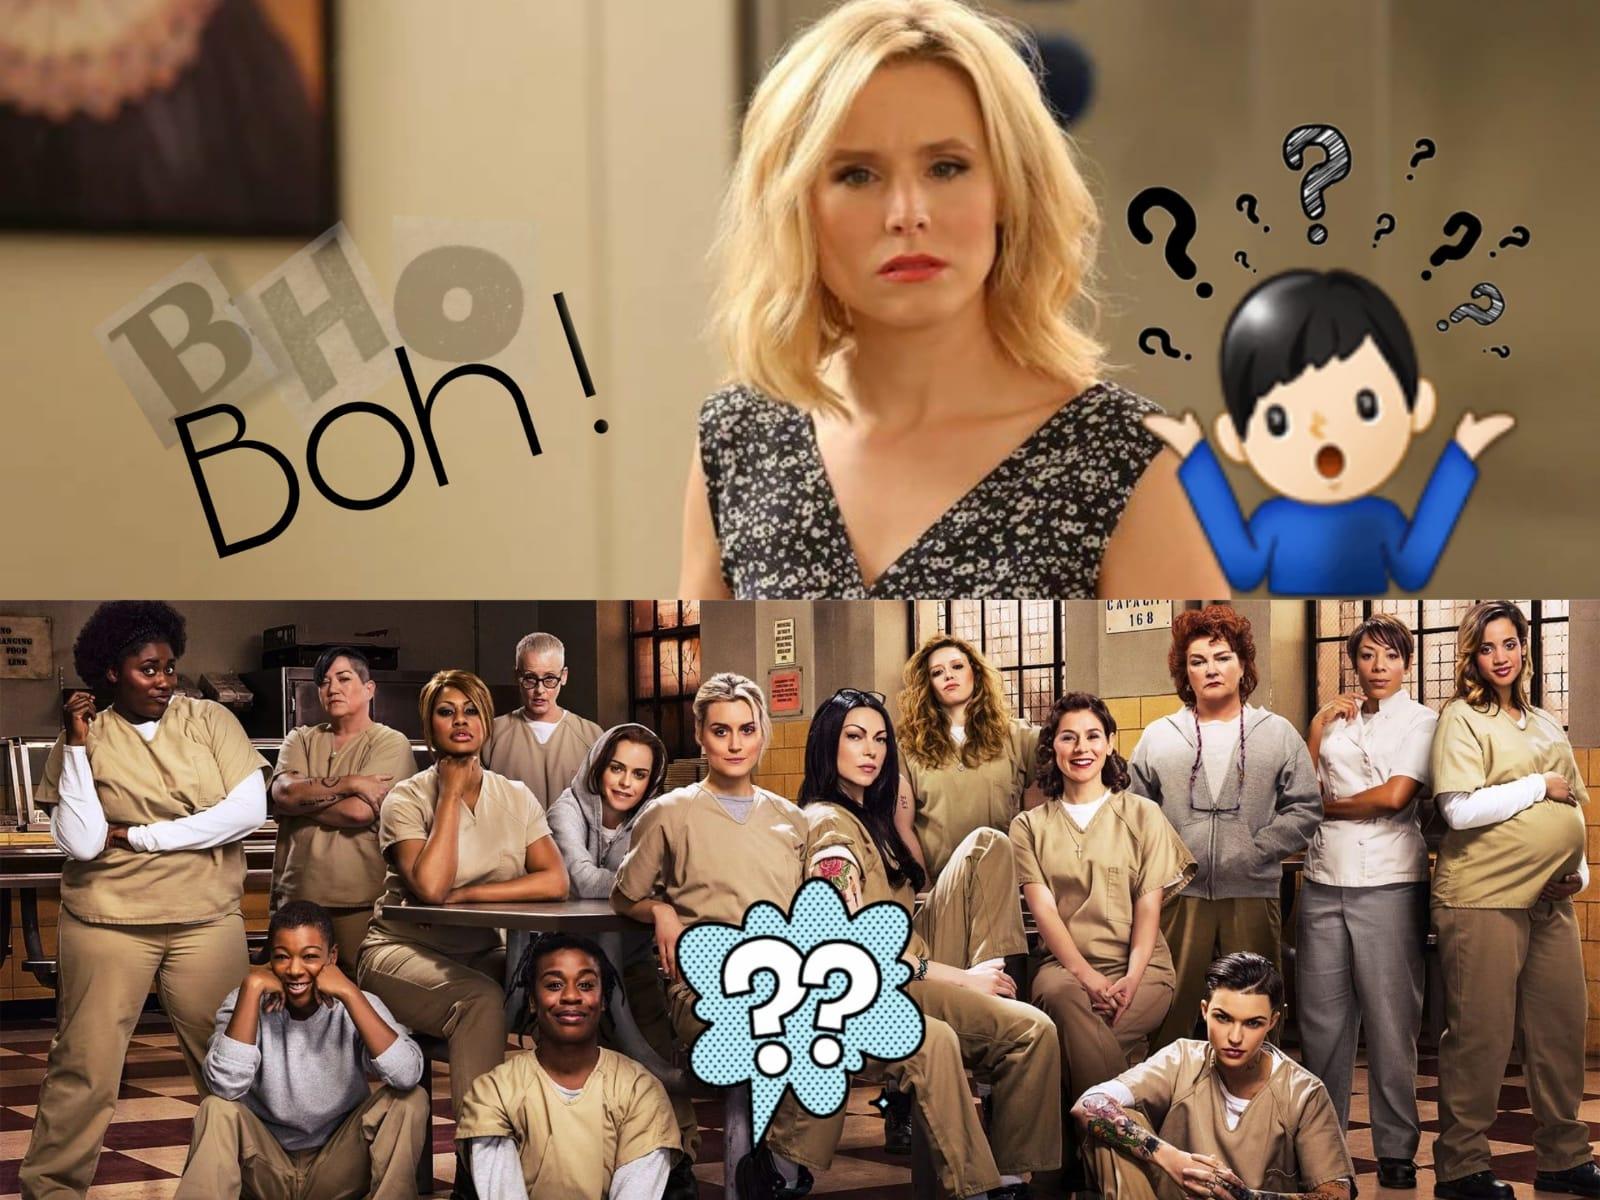 I 6 finali delle serie tv che ci hanno lasciato con l'amaro in bocca